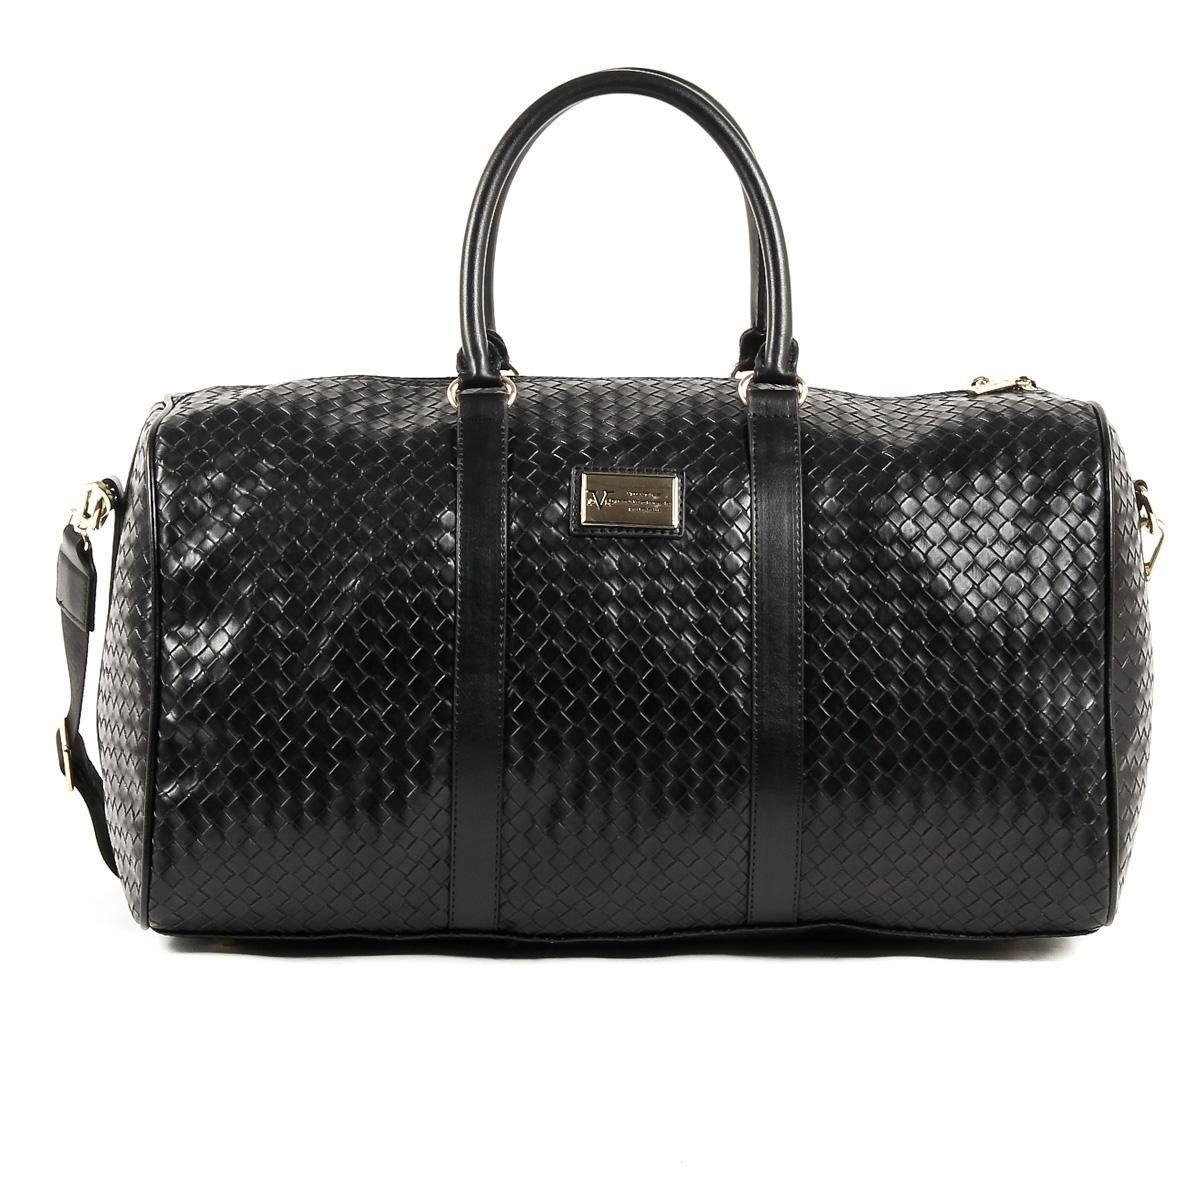 ... Versace 19.69 Abbigliamento Sportivo Srl Milano Italia Mens Sport Bag  V1969015B BLACK lowest price f8fc5 037c0 ... d8a9e7964de2a